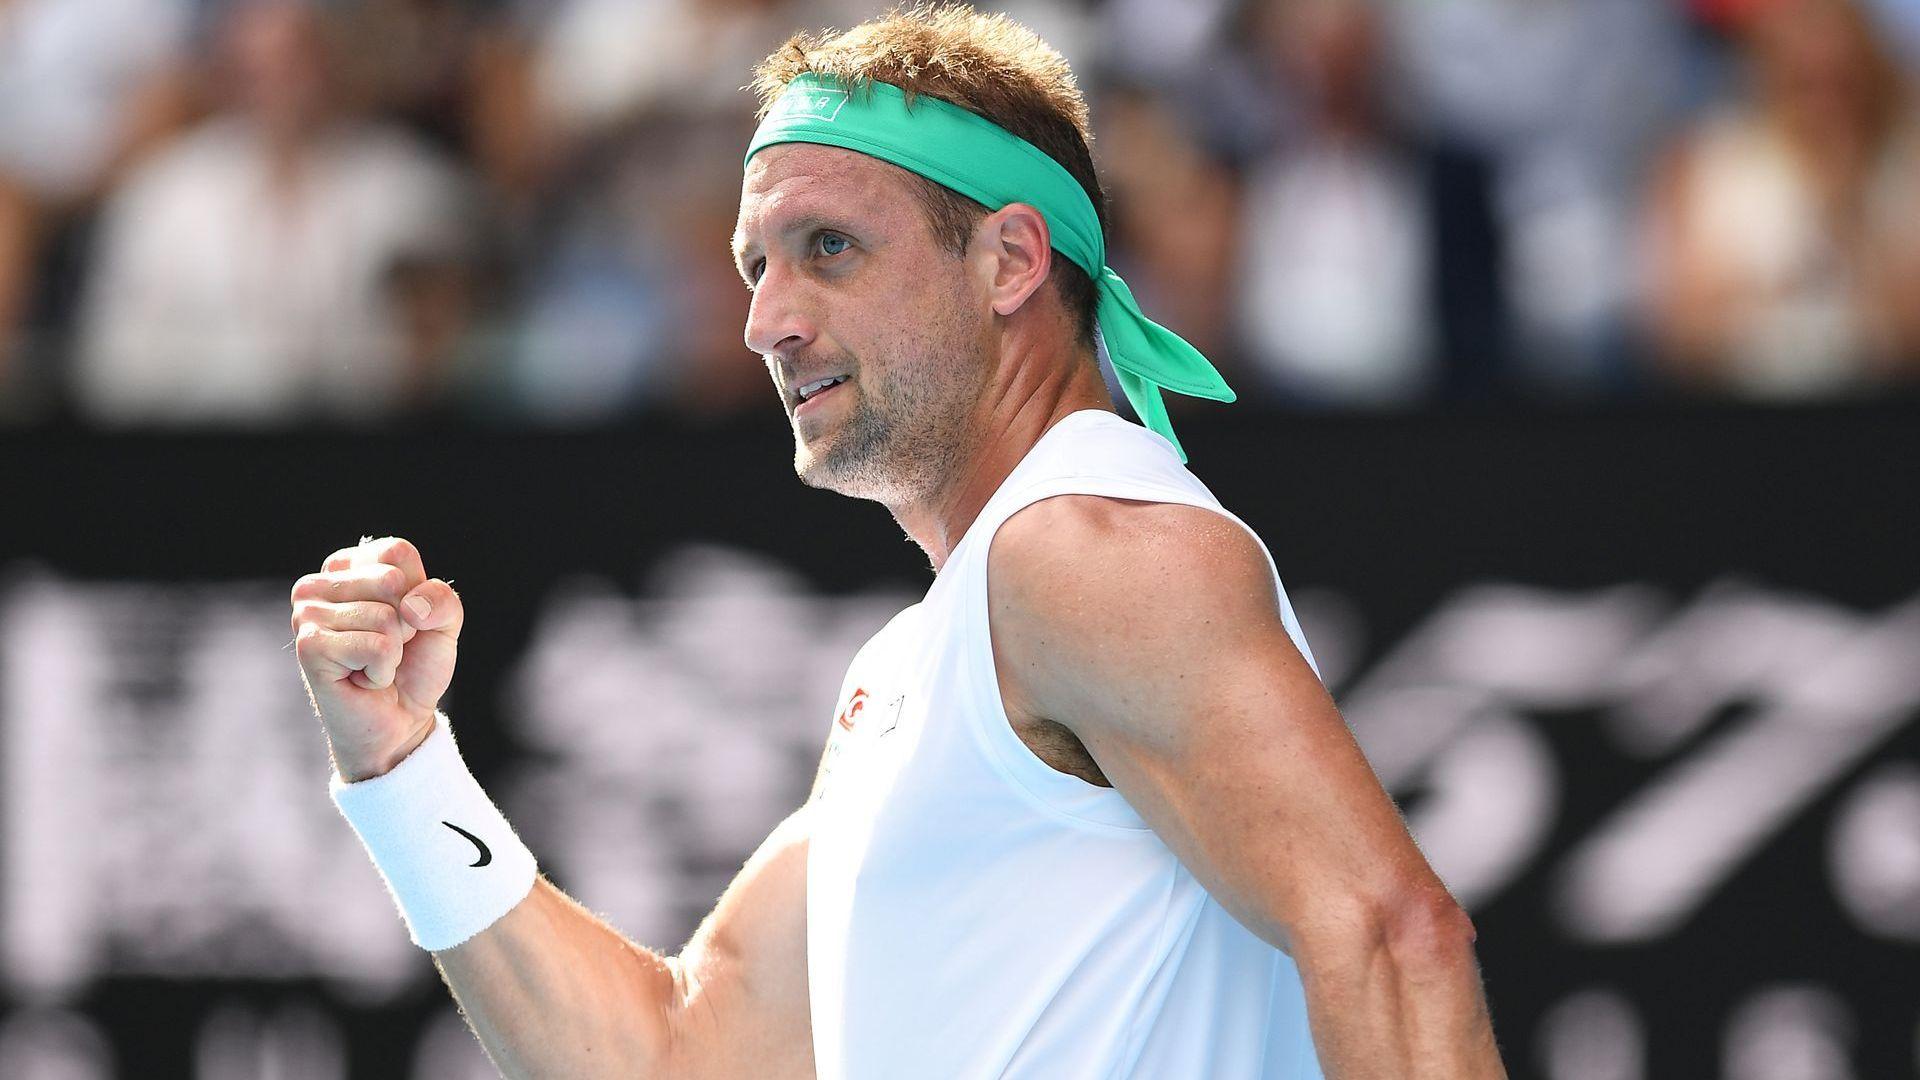 Позволиха на тенисист да пътува за Австралия с положителен тест